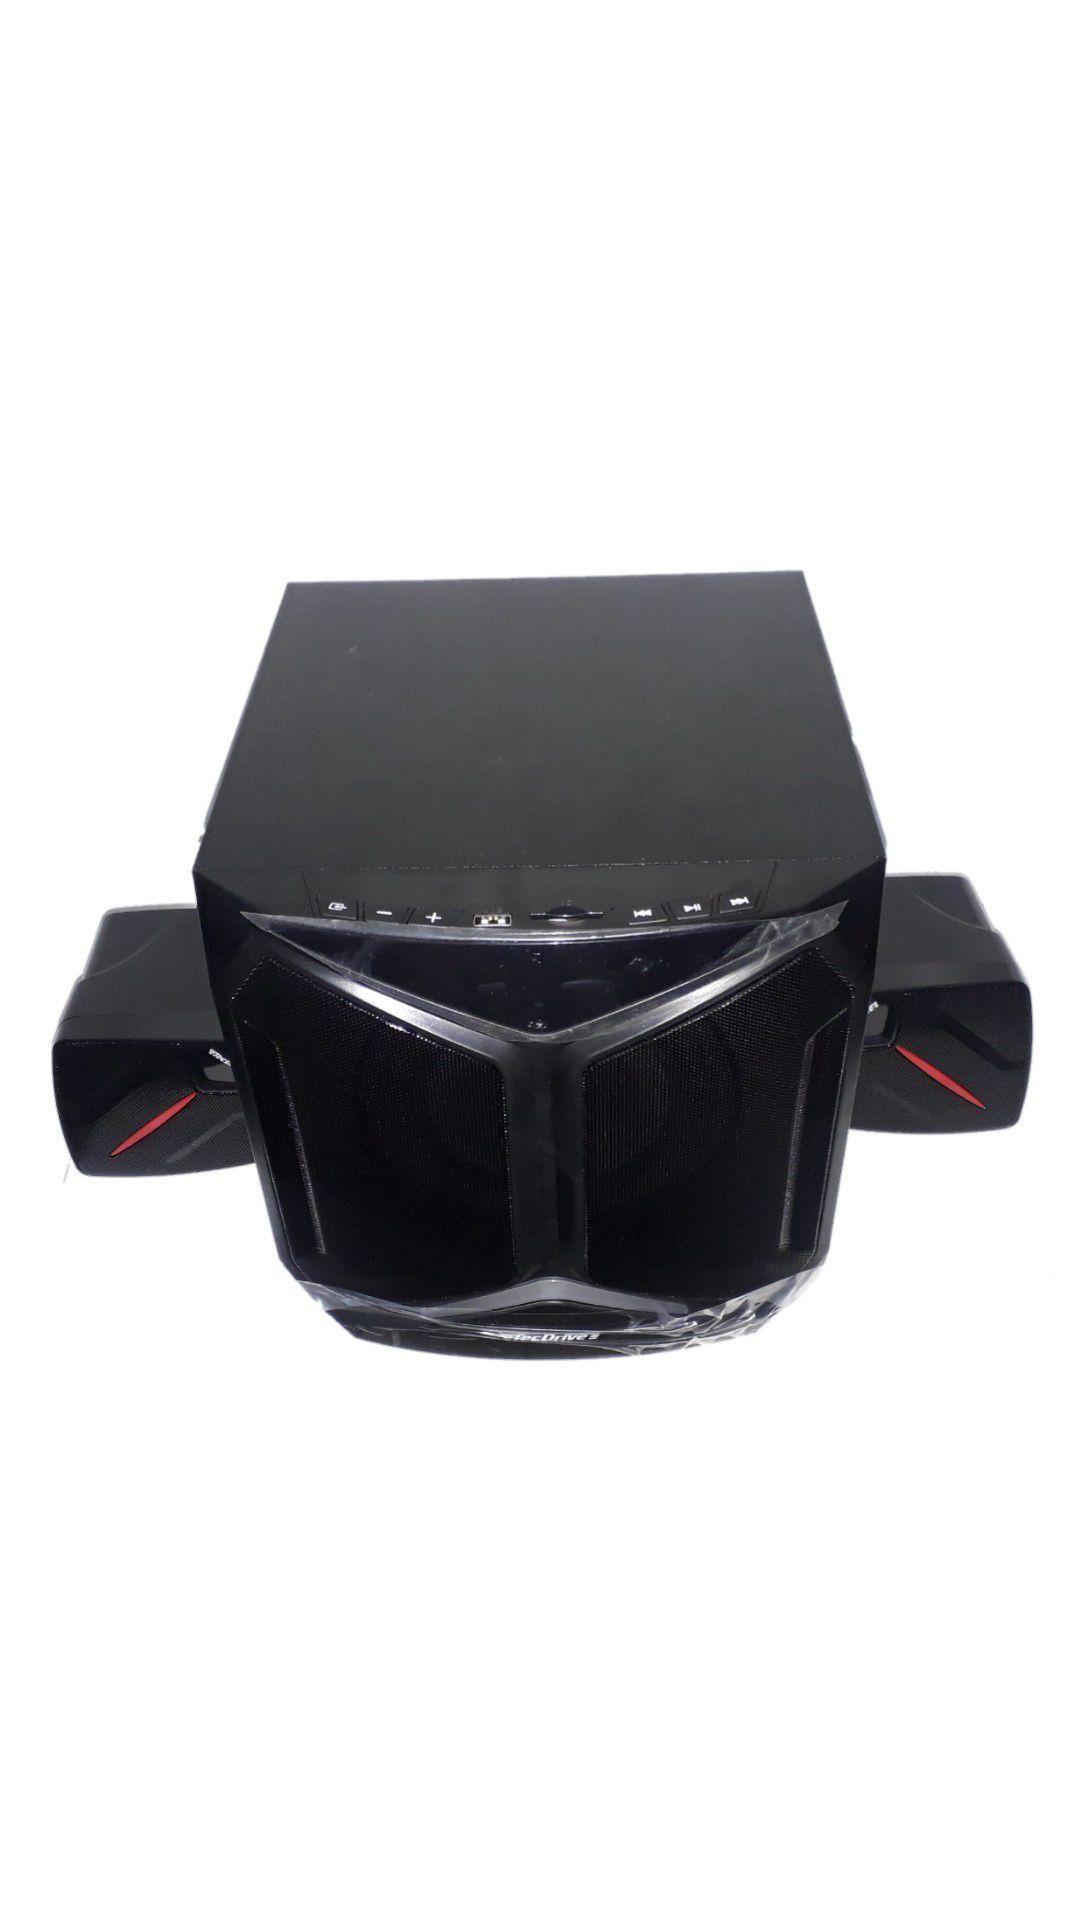 CAIXA AMPLIFICADA TECDRIVE TEC-SUB100 USB/BLUE/FM CONTROLE